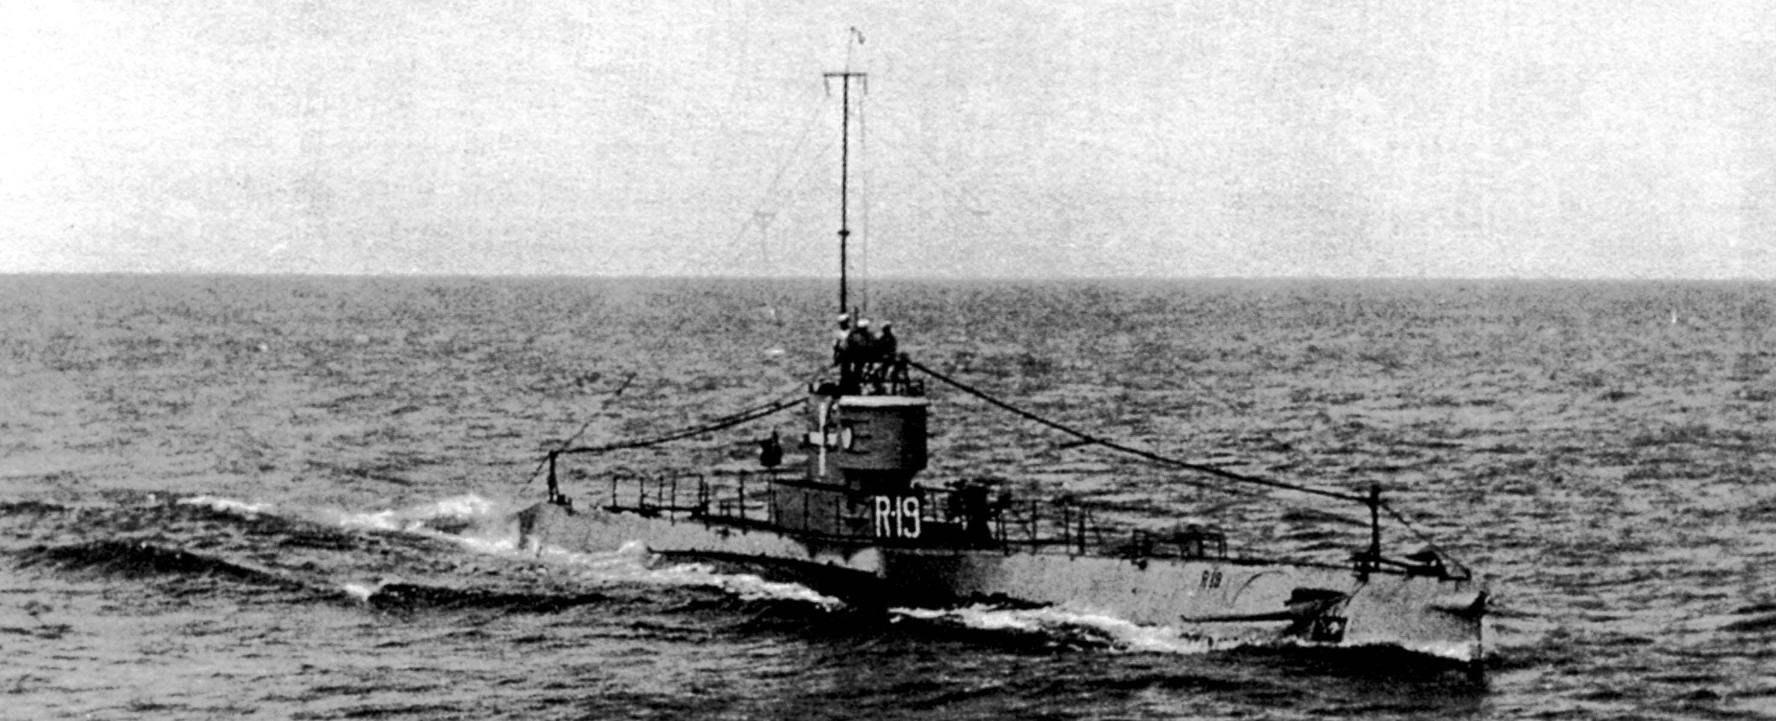 R-19 в 1920-е годы. Видна телескопическая радиоантенна в поднятом положении